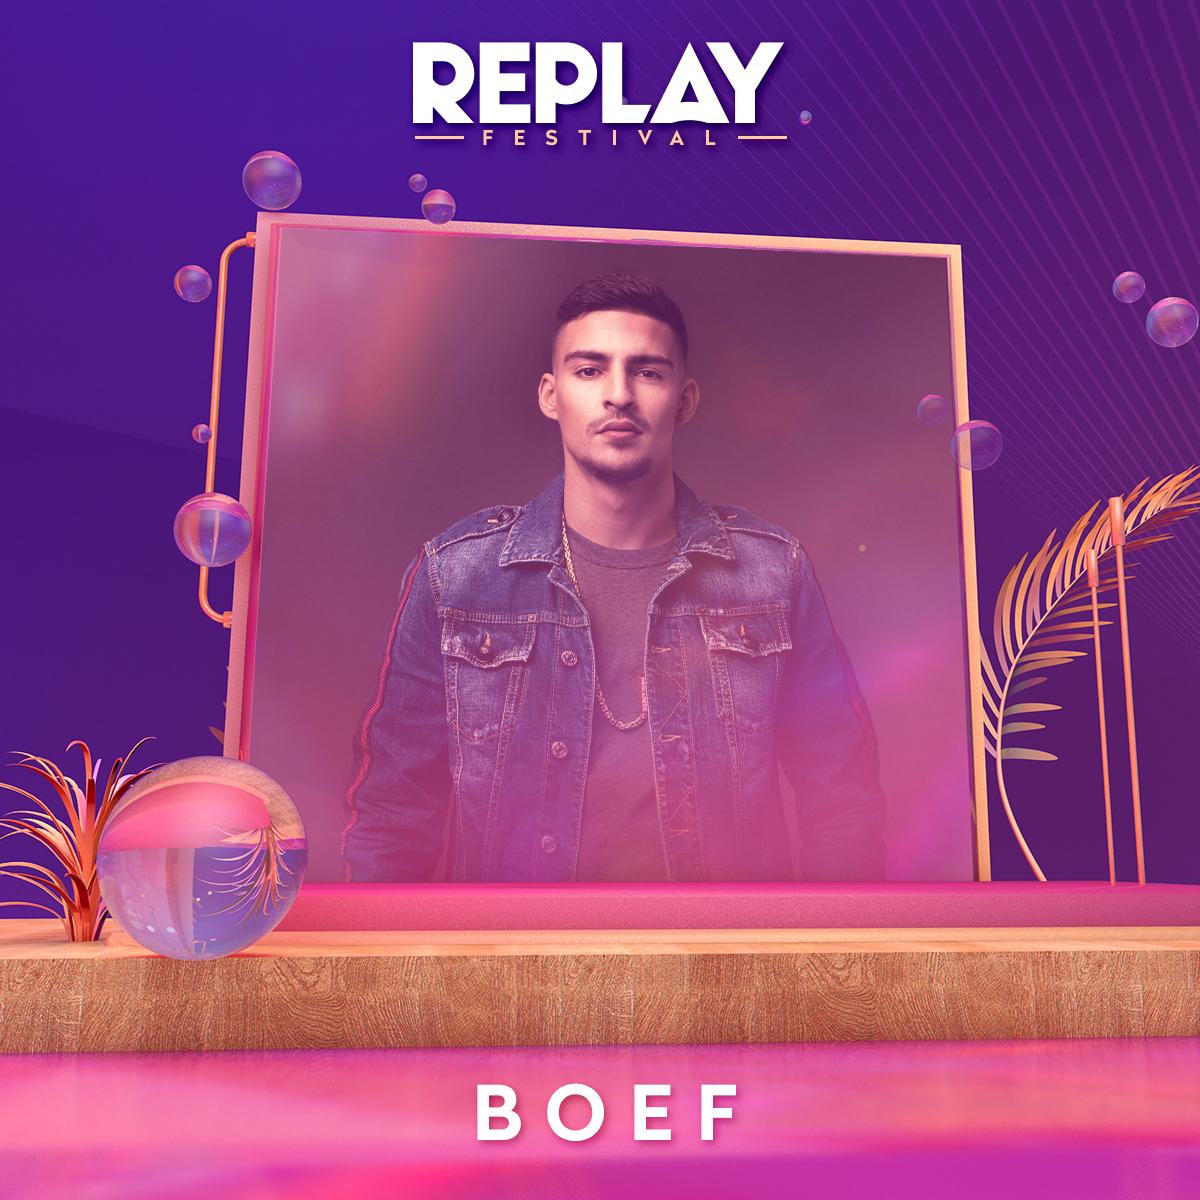 Boef komt met nummer één-hit naar het Replay Festival - BOEF1